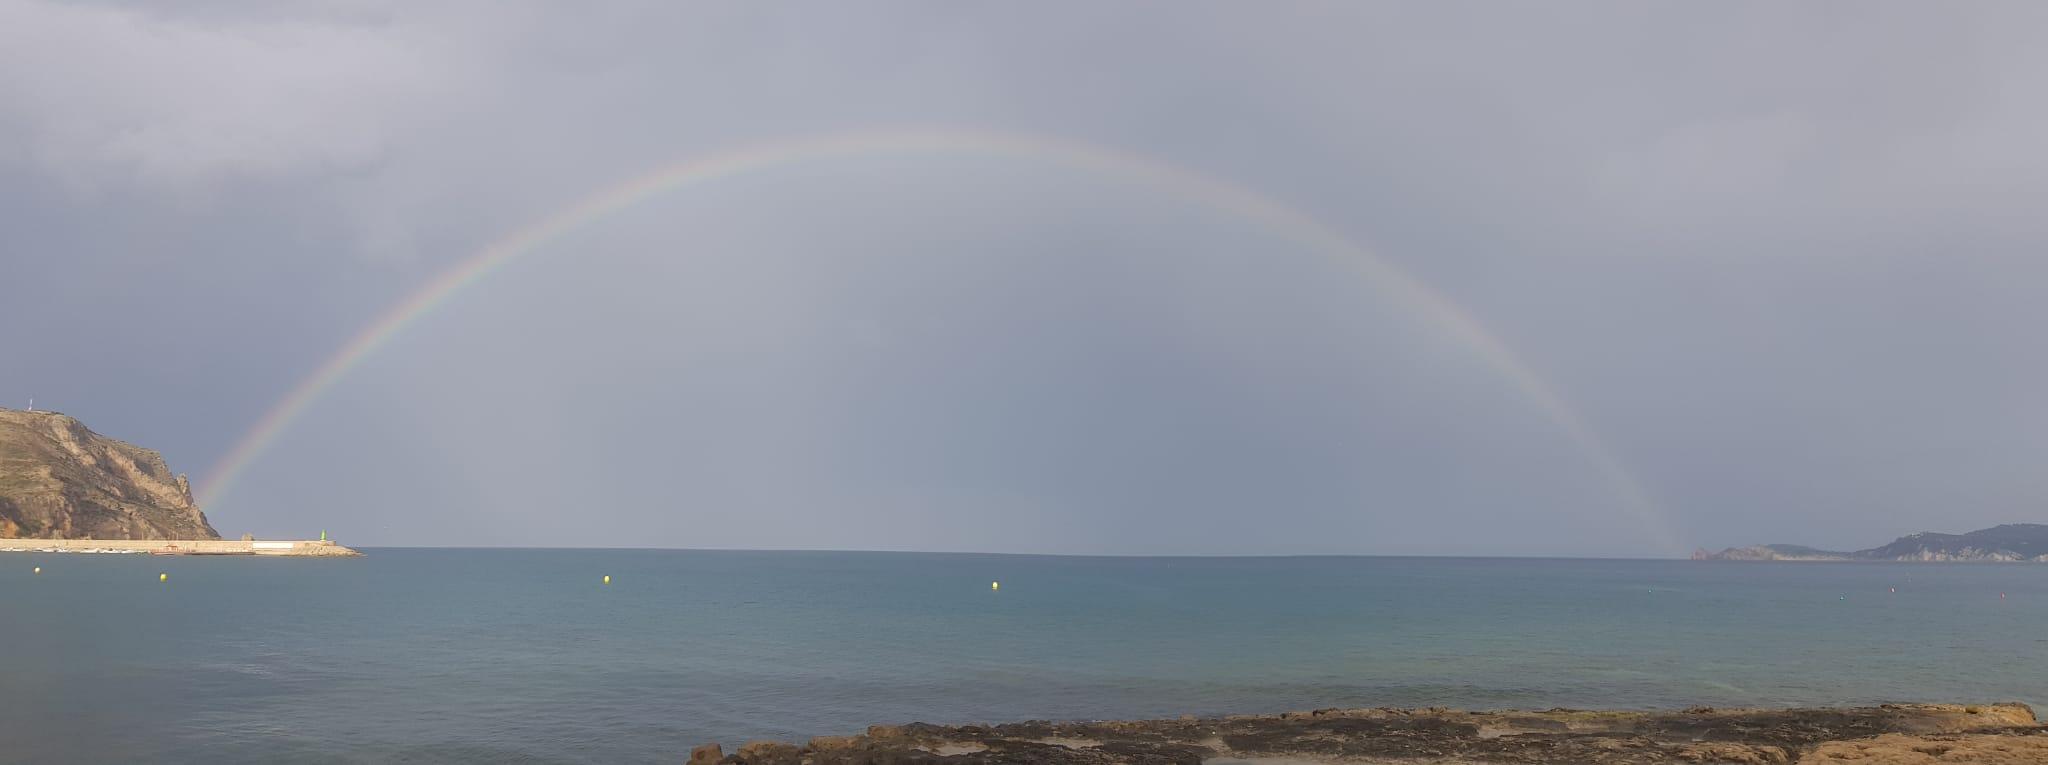 Completo arco íris en Xàbia- Foto de Ana Català